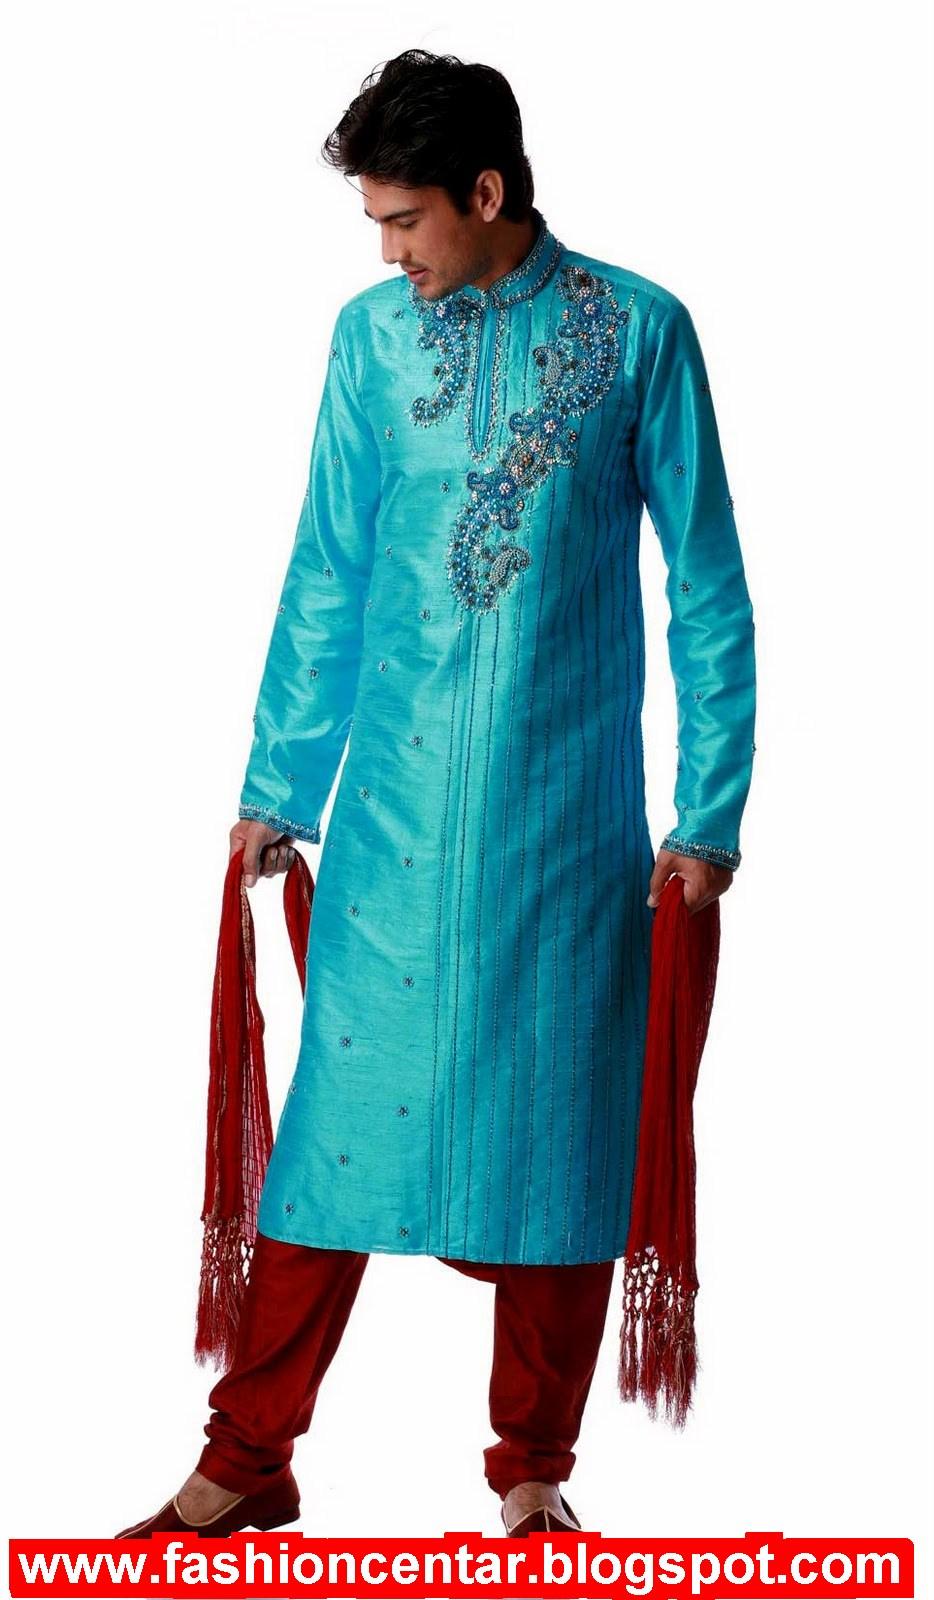 Wedding Sherwani & Kurta Pajama, Groom Sherwani | Fashion in New Look